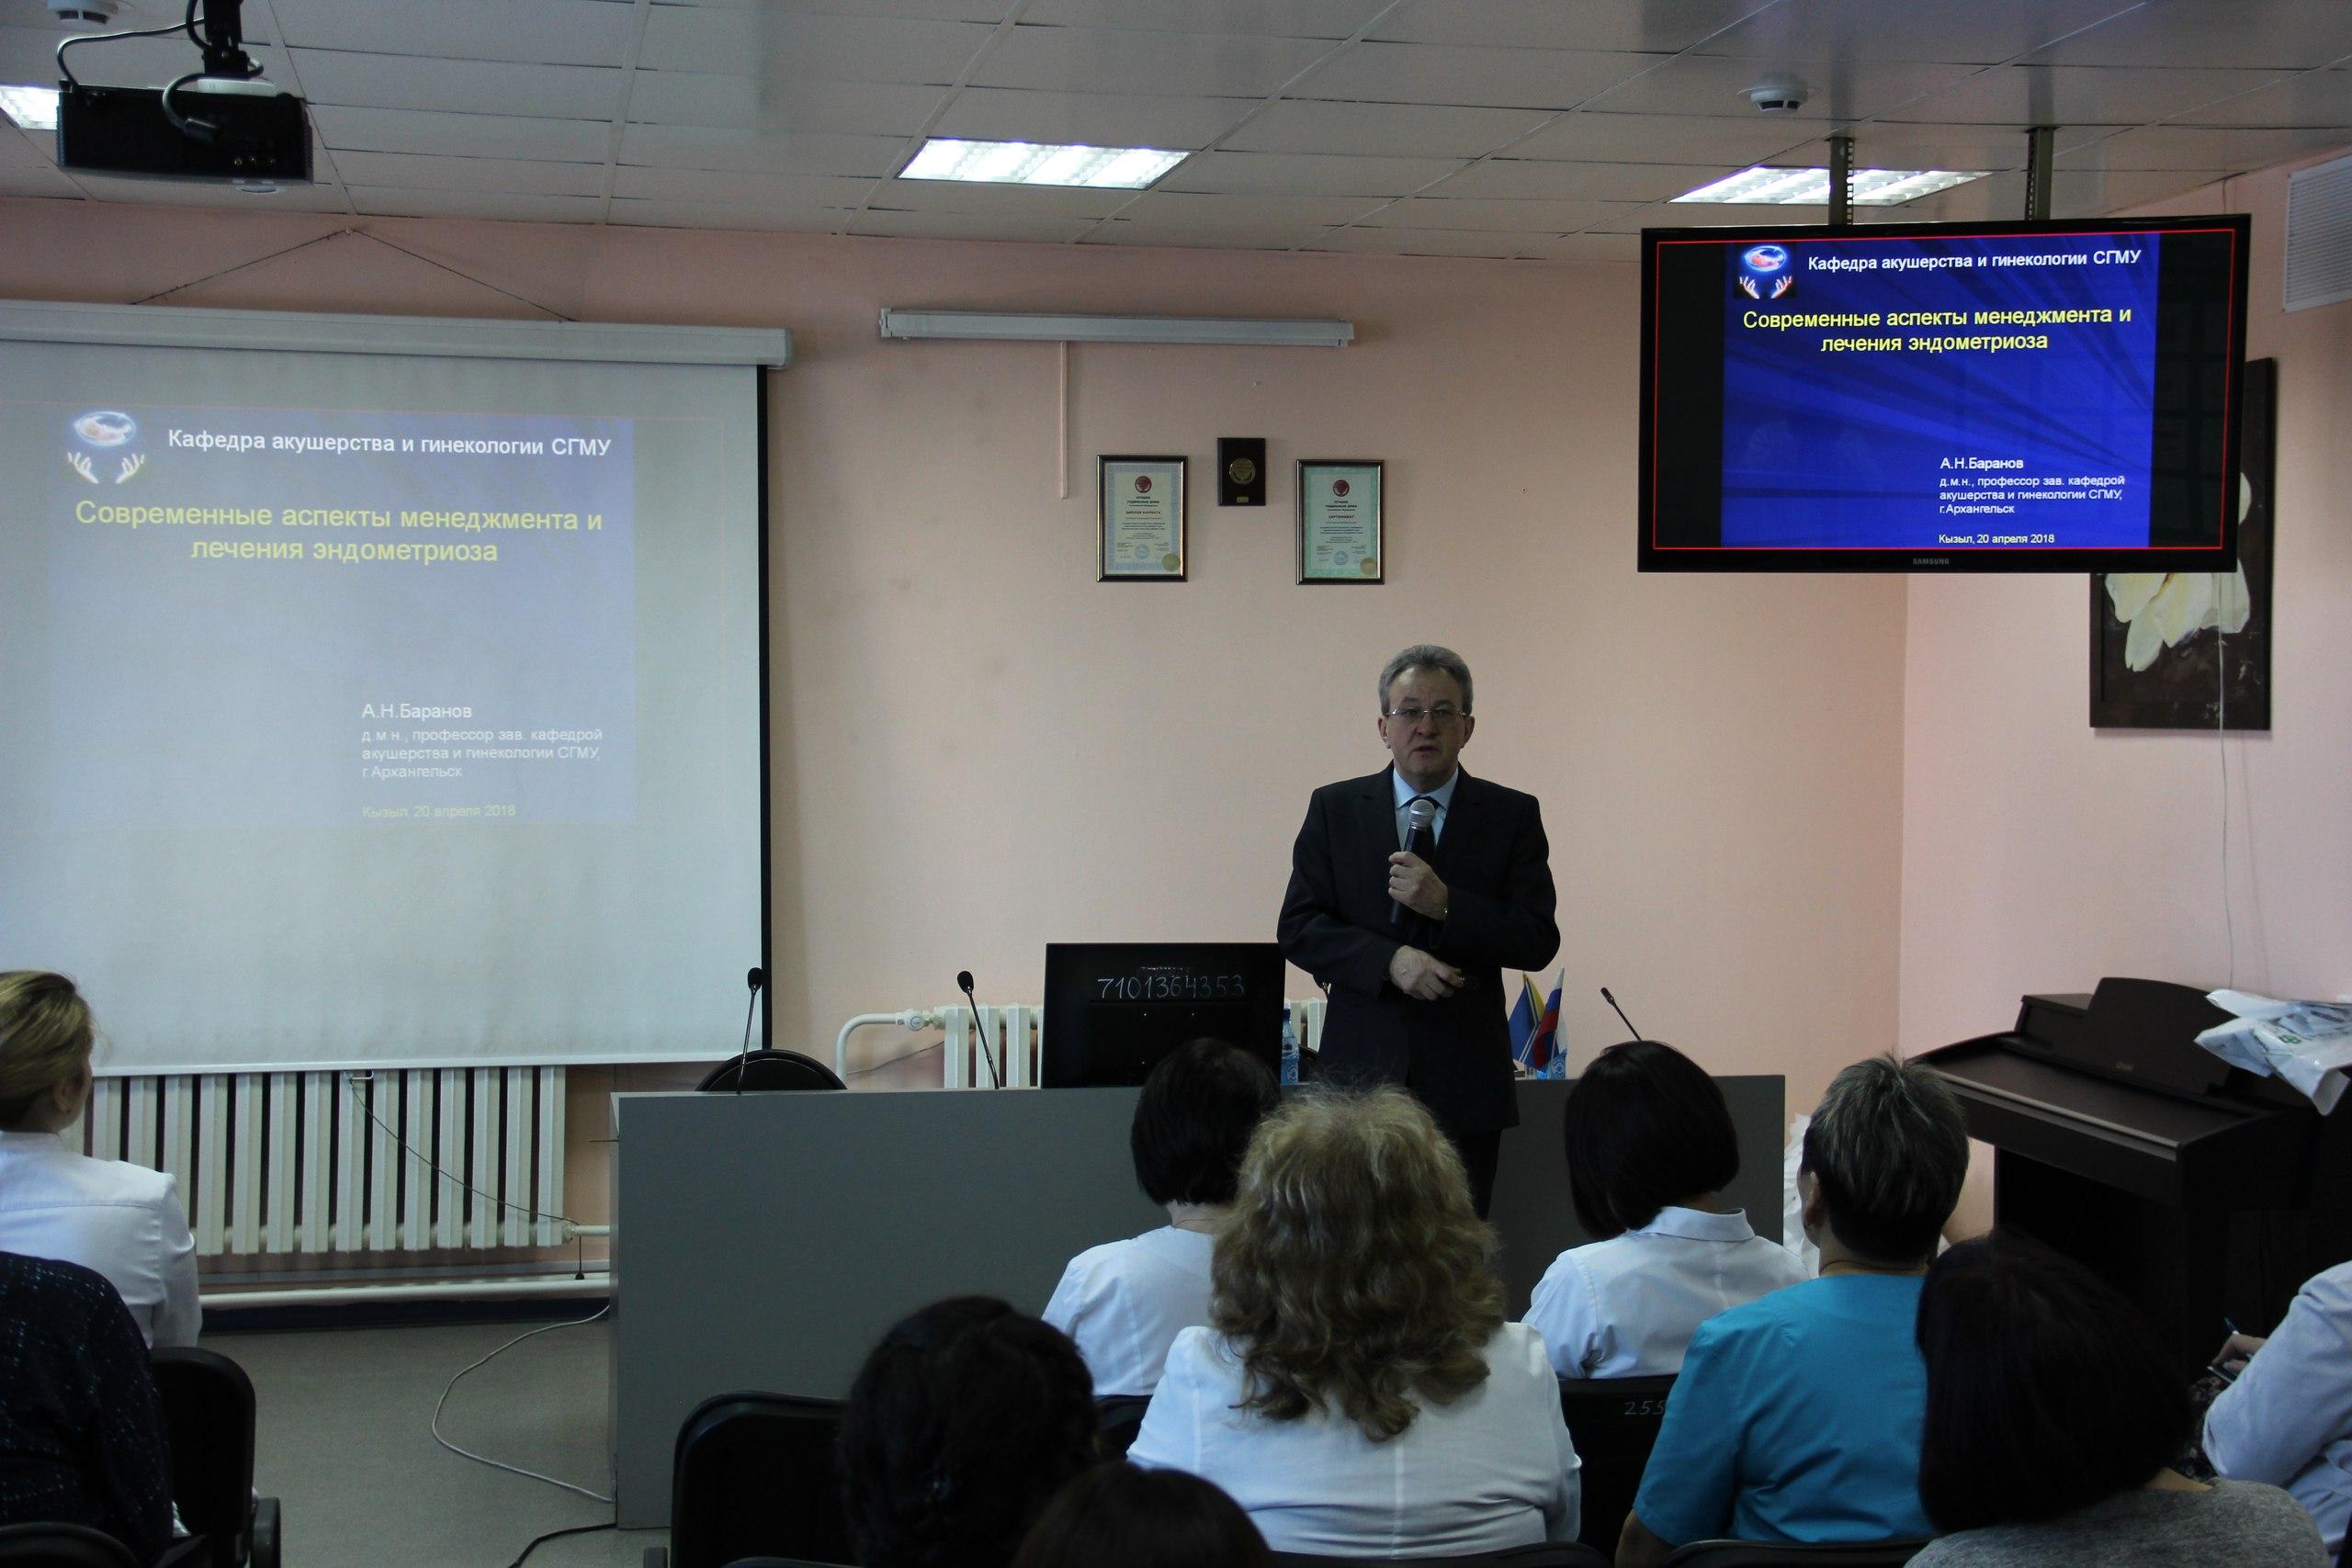 научно-практическая конференция по гинекологической эндокринологии/